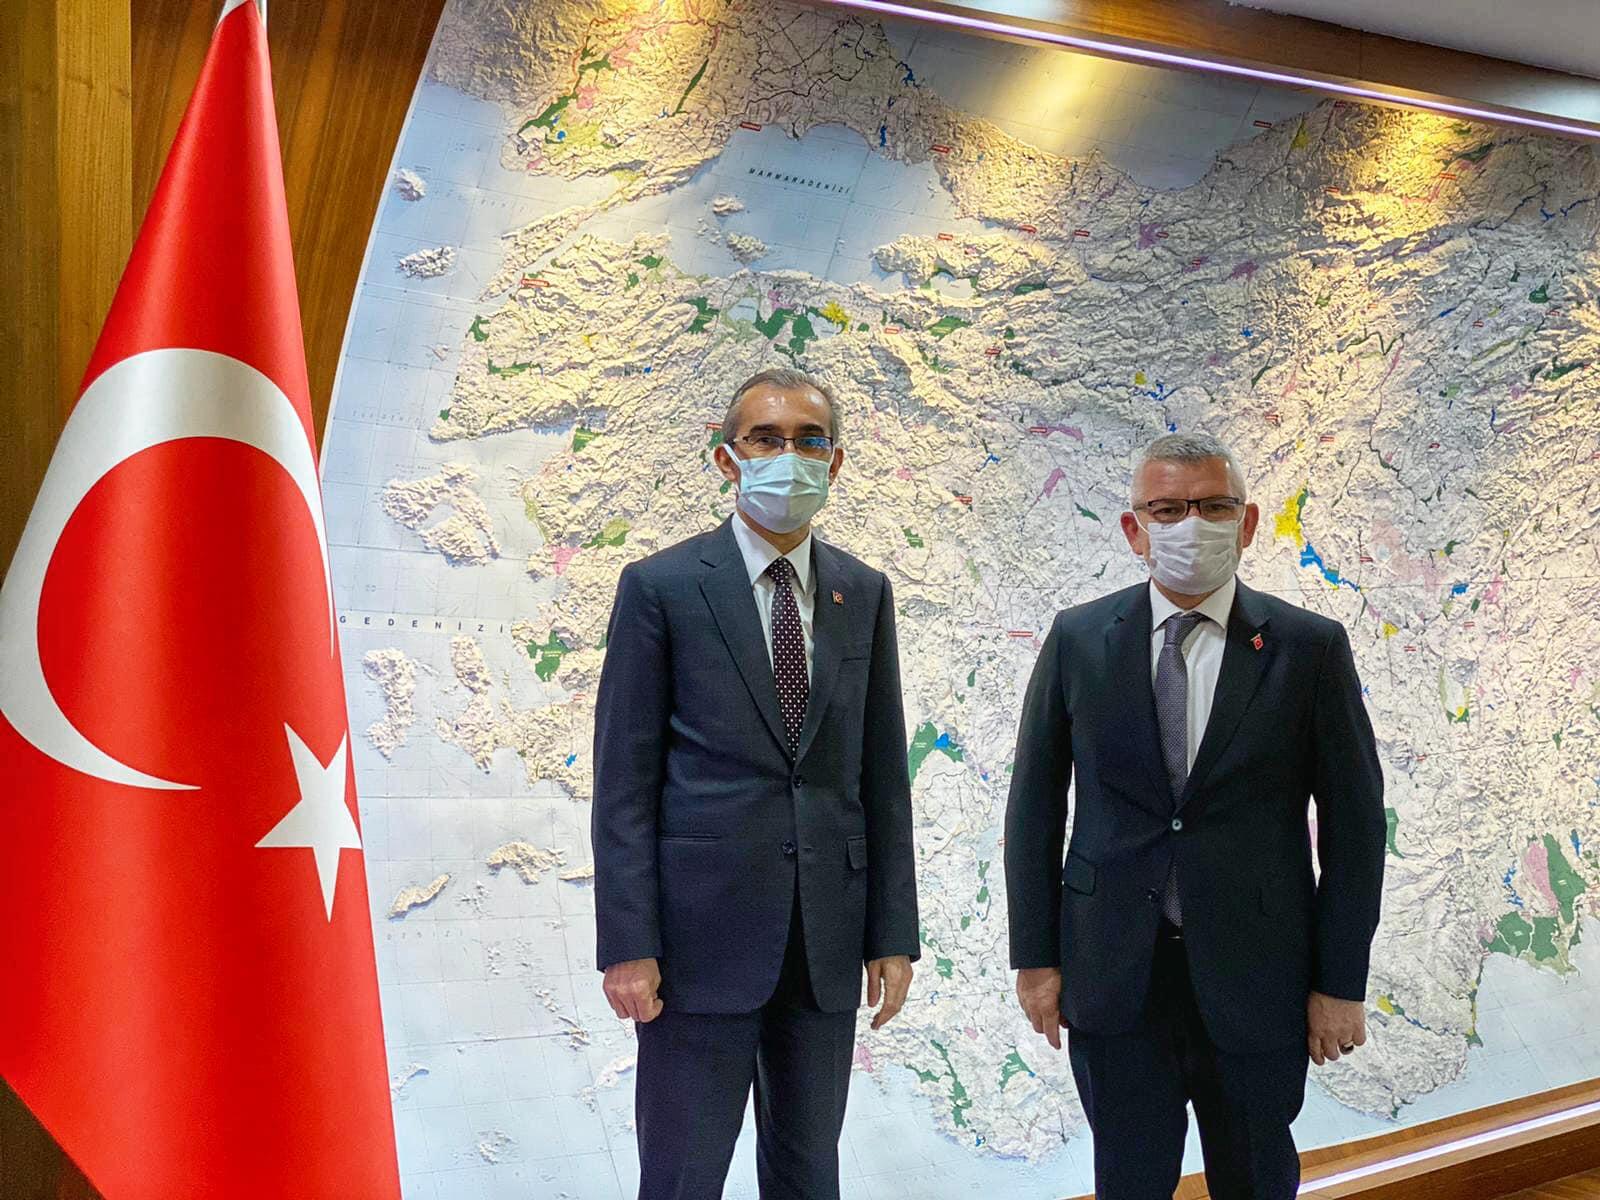 Giresun Milletvekili Kadir Aydın'dan Bakan Kasapoğlu'na ziyaret